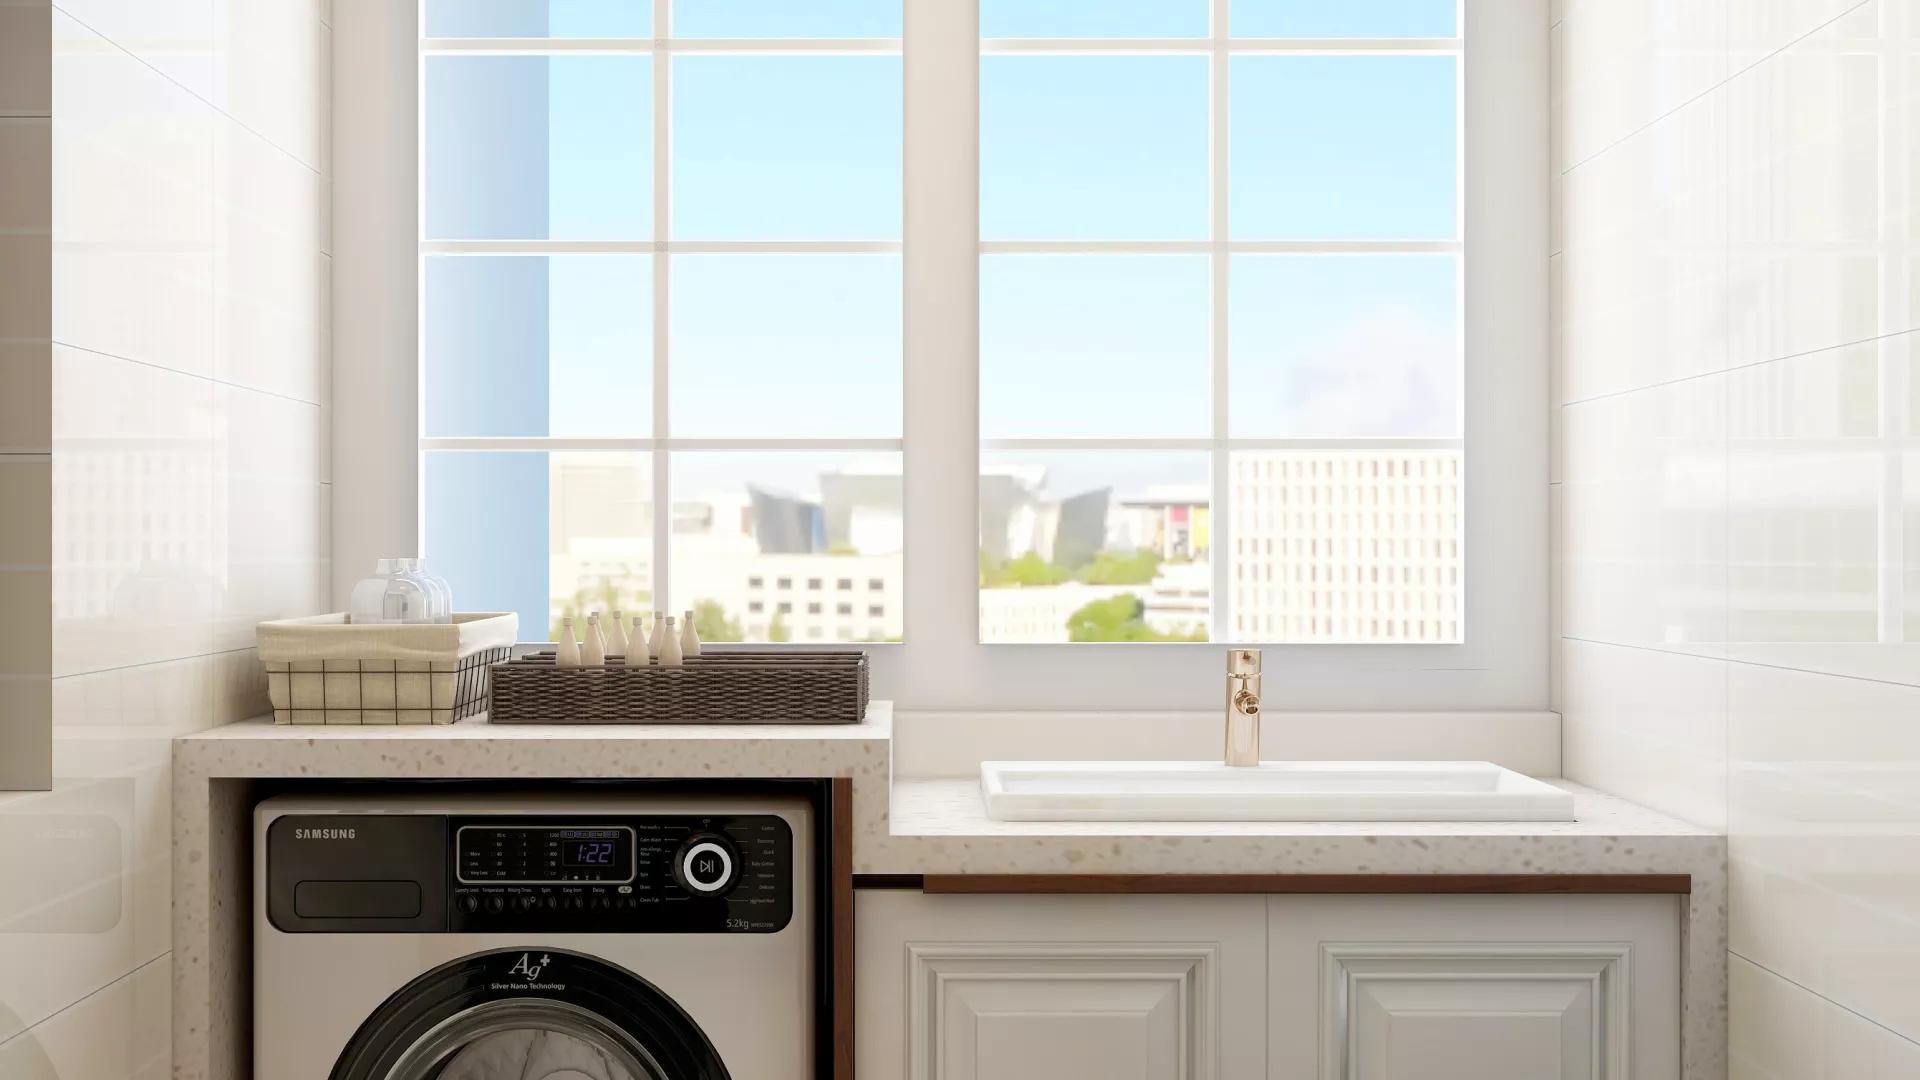 75㎡小户型美式风格实用客厅装修效果图